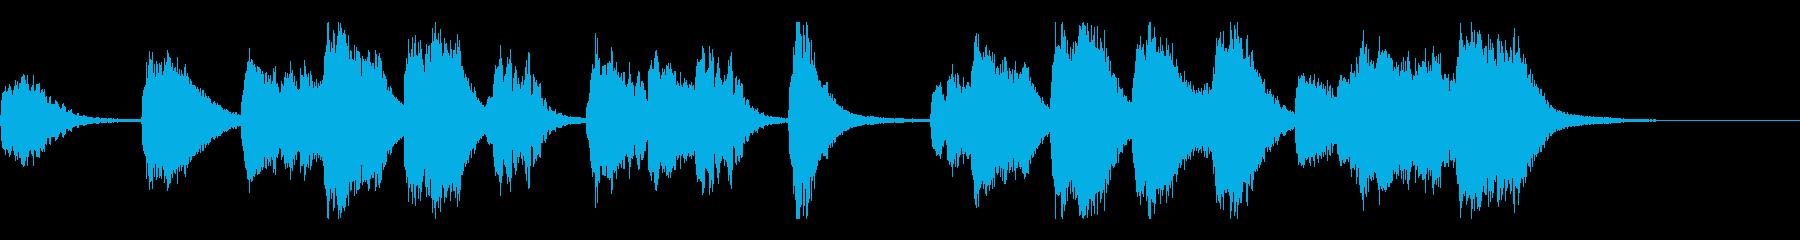 幻想的なCM、イベント、企業動画向けの再生済みの波形